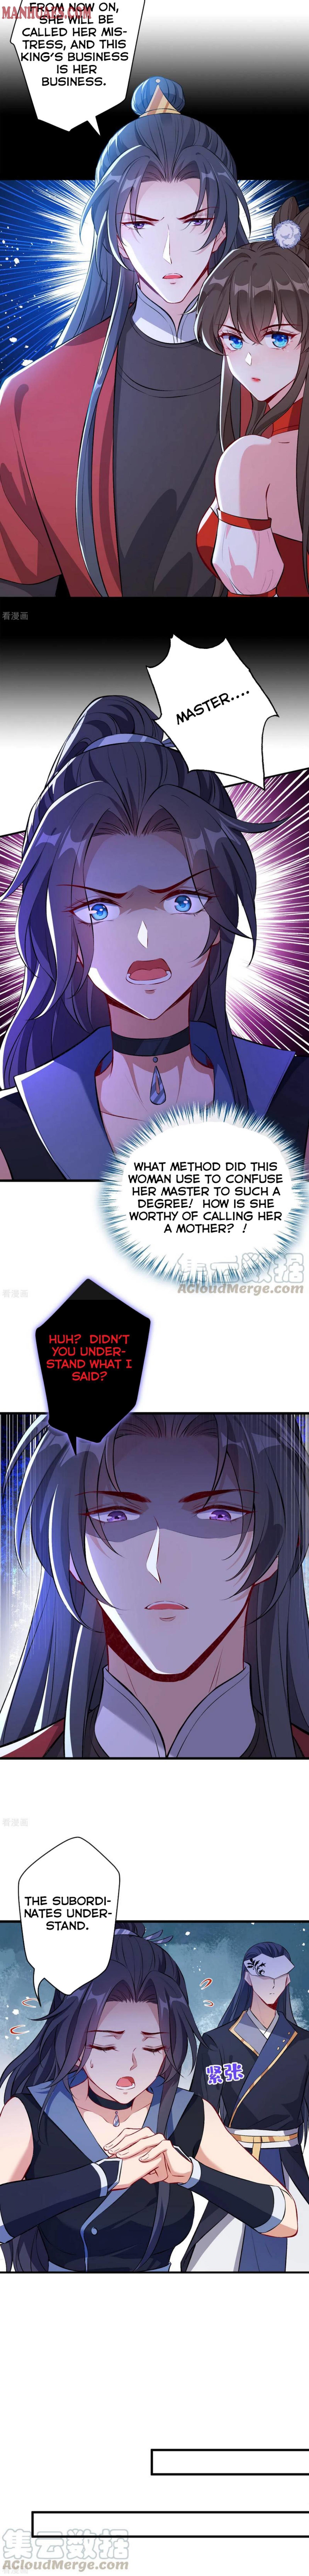 My Chubby Princess Chapter 87 page 6 - Mangakakalots.com